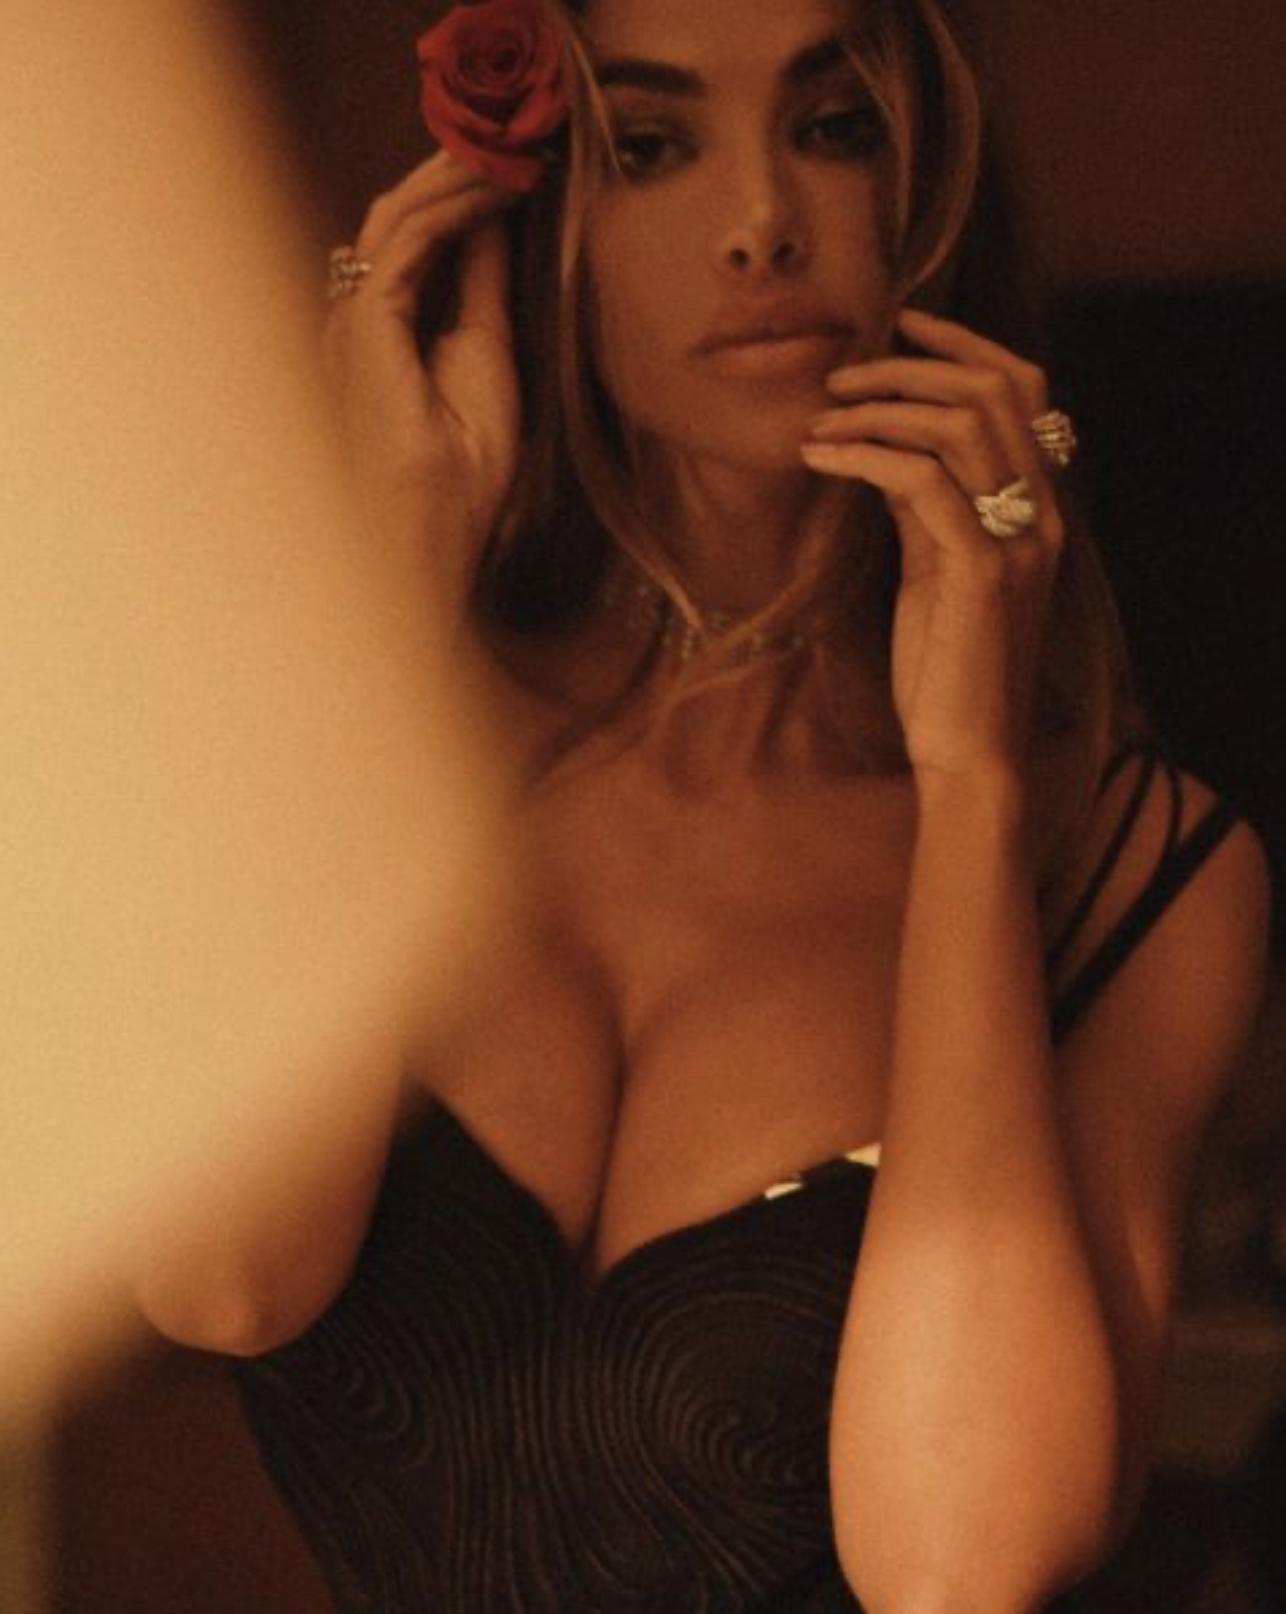 Мадалина Генеа — известная  модель и бывшая полузащитника «Ромы» Николо Дзаньоло. Ради неё он бросил беременную подругу!